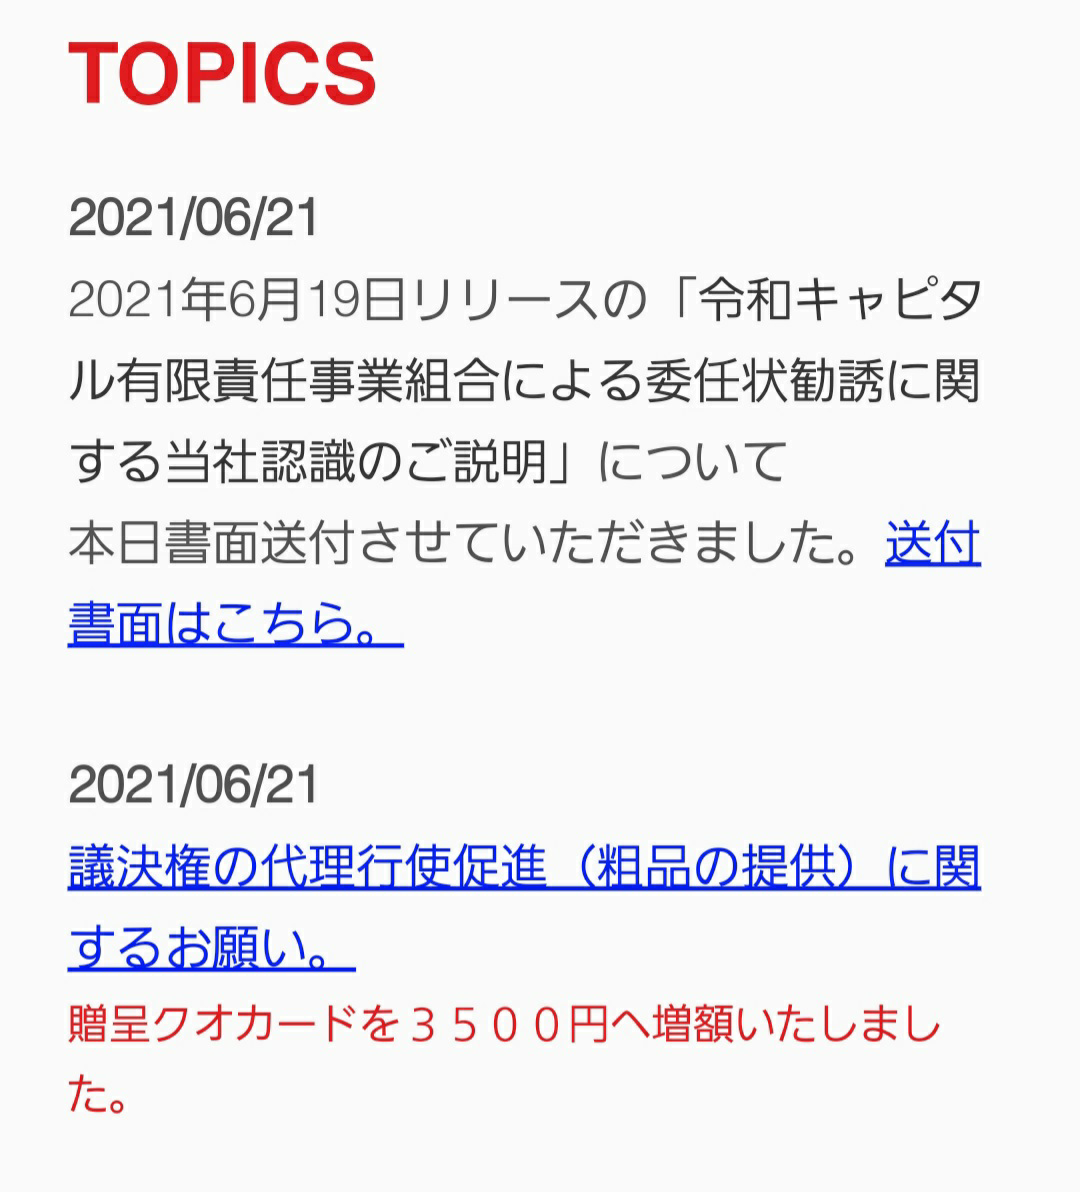 3840 - パス(株) 再送&3500円に増額